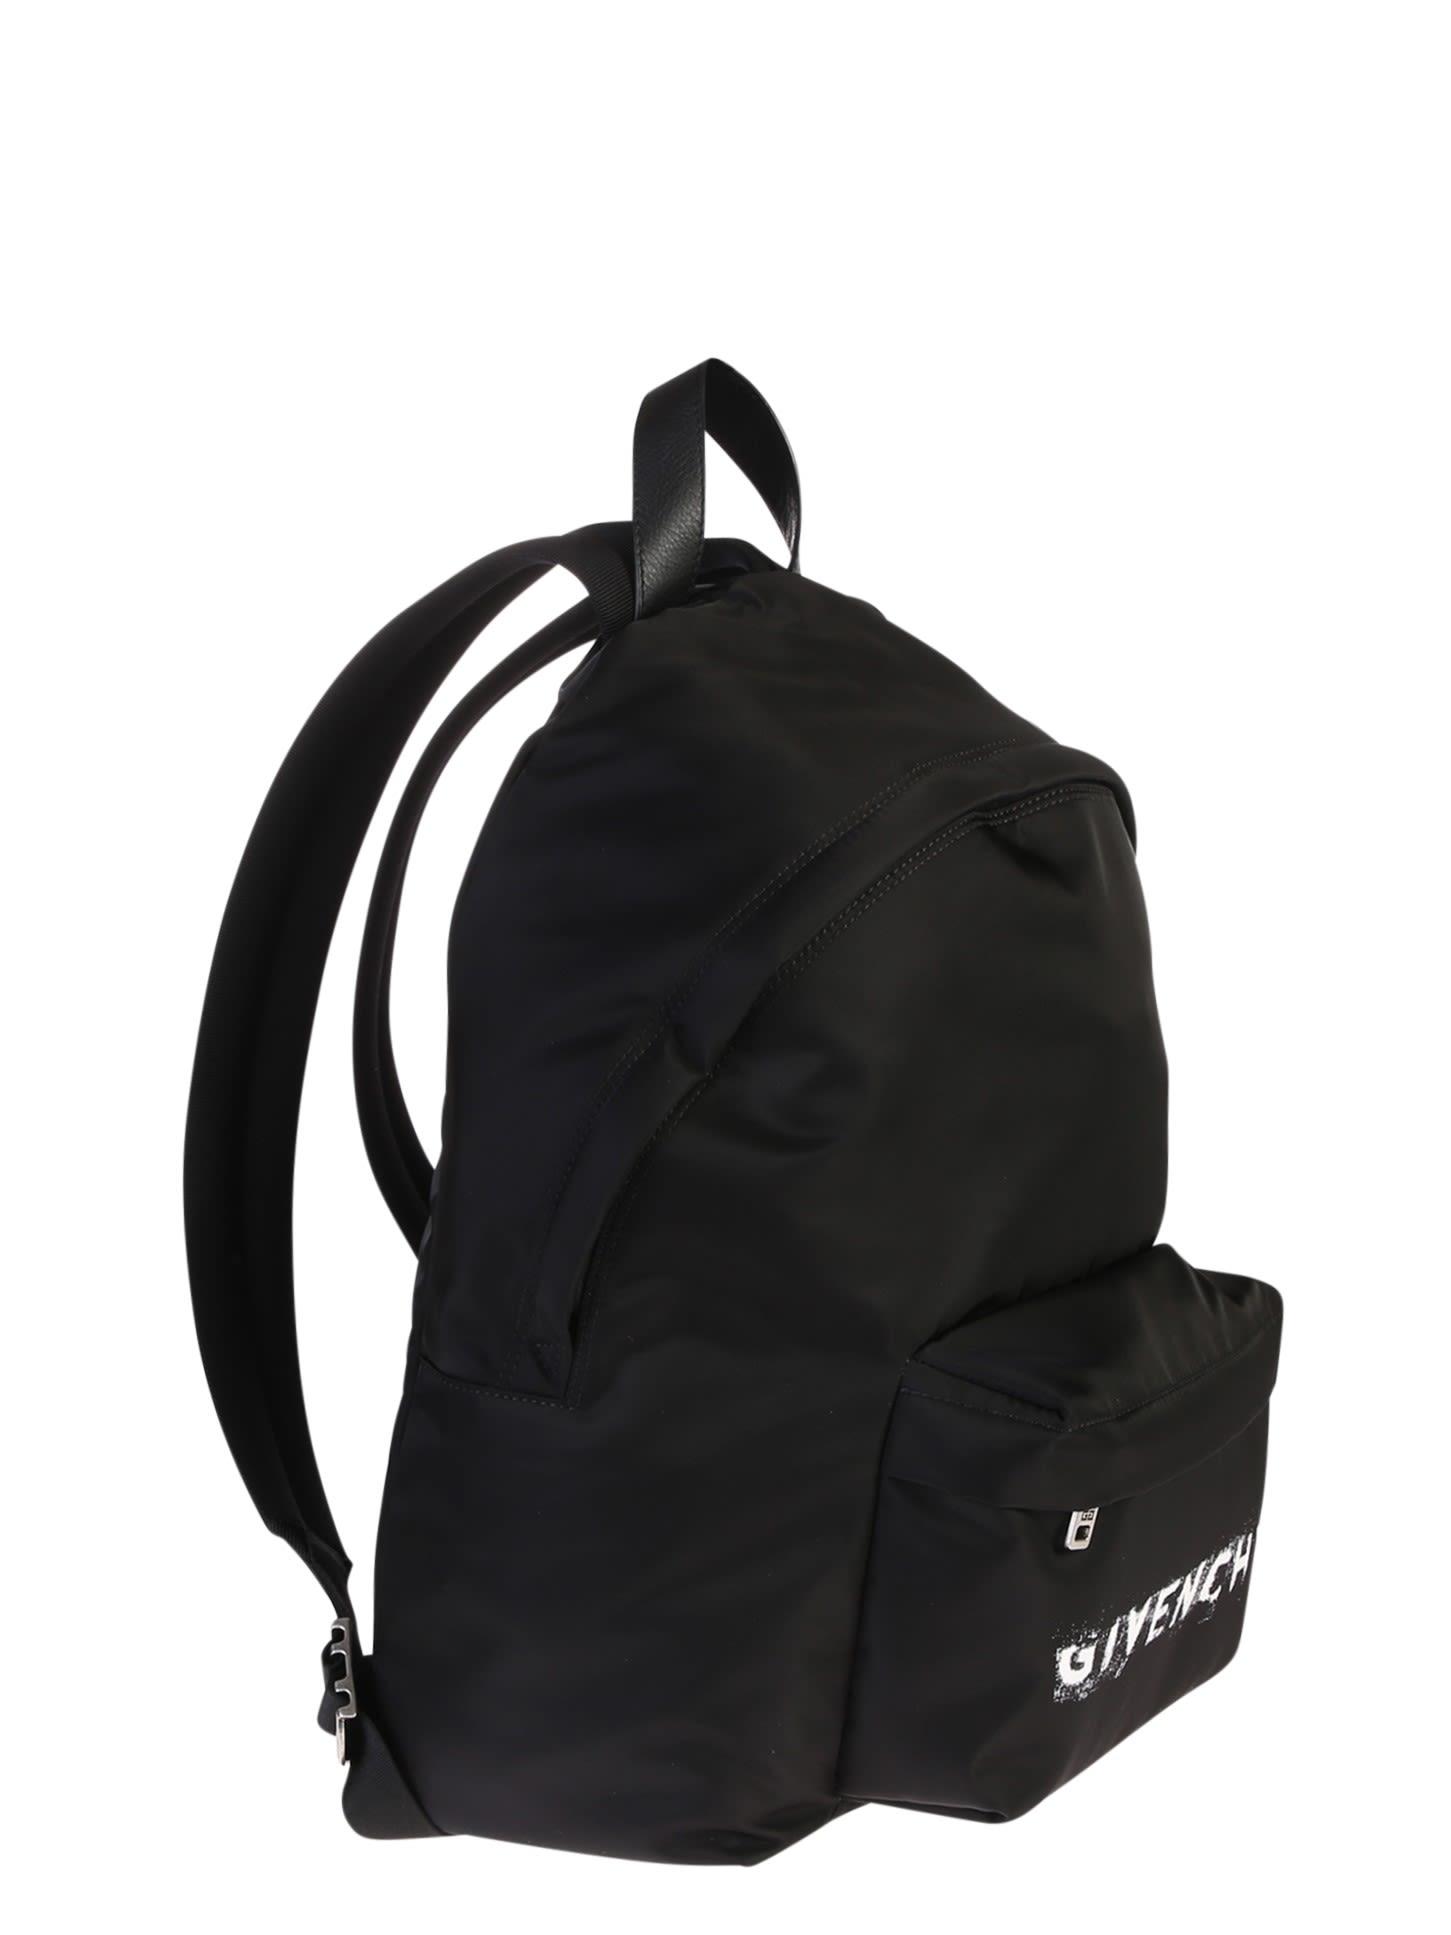 Givenchy Branded Backpack - Black Givenchy Branded Backpack - Black ... b7561253ba256